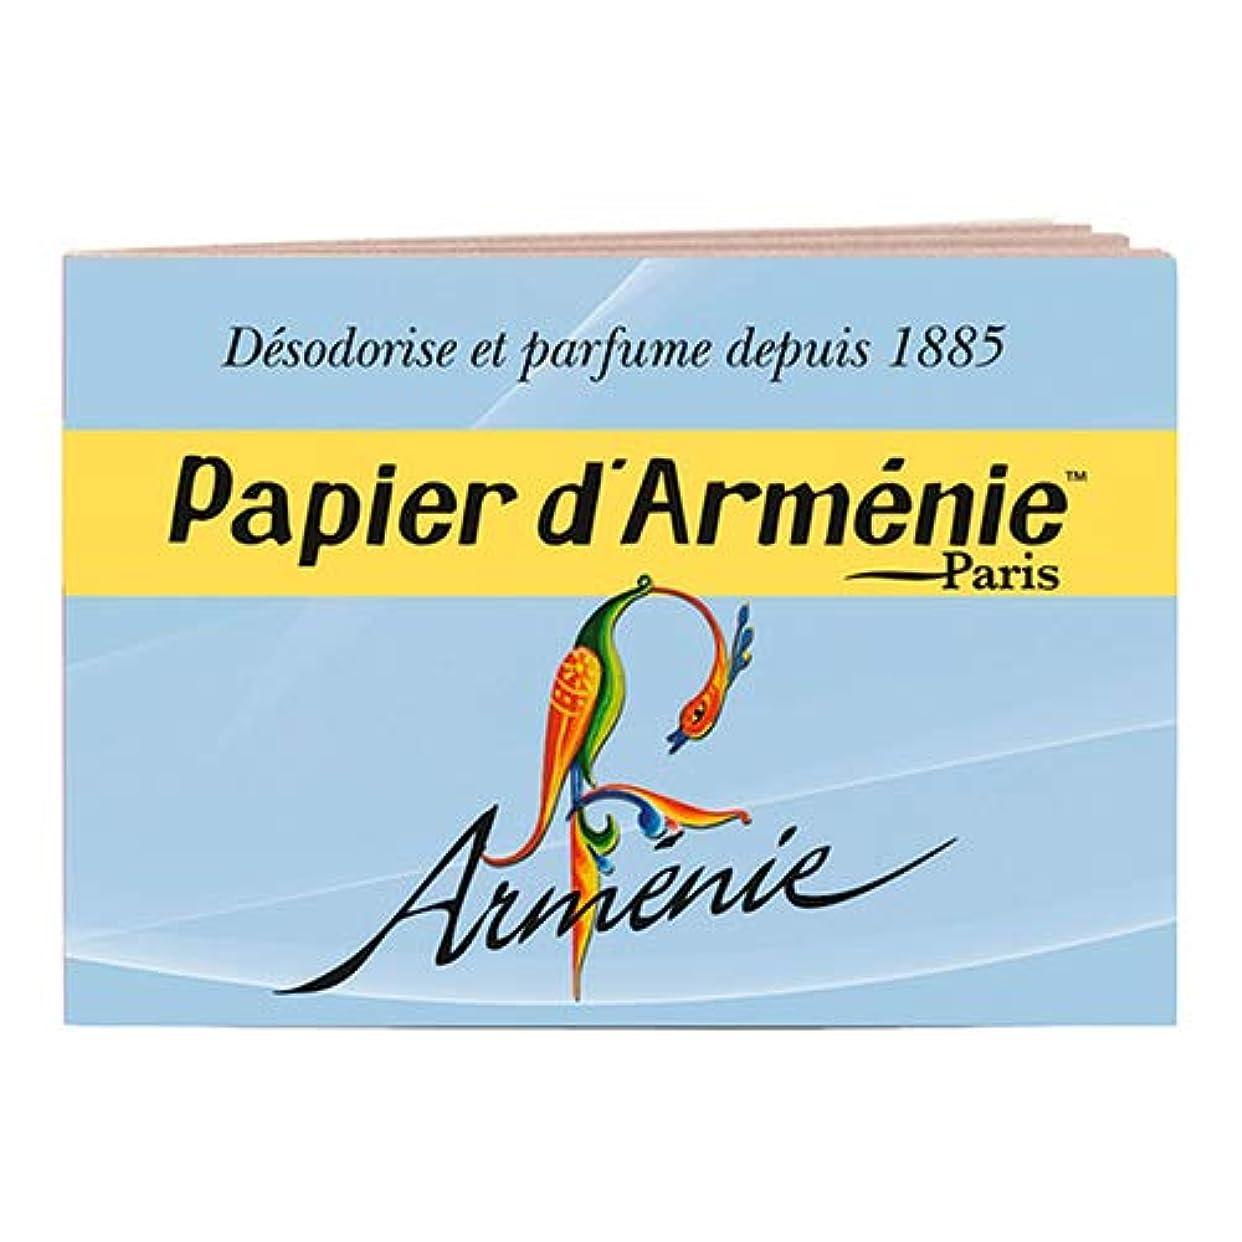 モザイクボード盆パピエダルメニイ トリプル (青) 1冊(1シート3回分×12枚/36回分) アルメニイ(アニー) 紙のお香 インセンス PAPIER D'ARMENIE [並行輸入品]